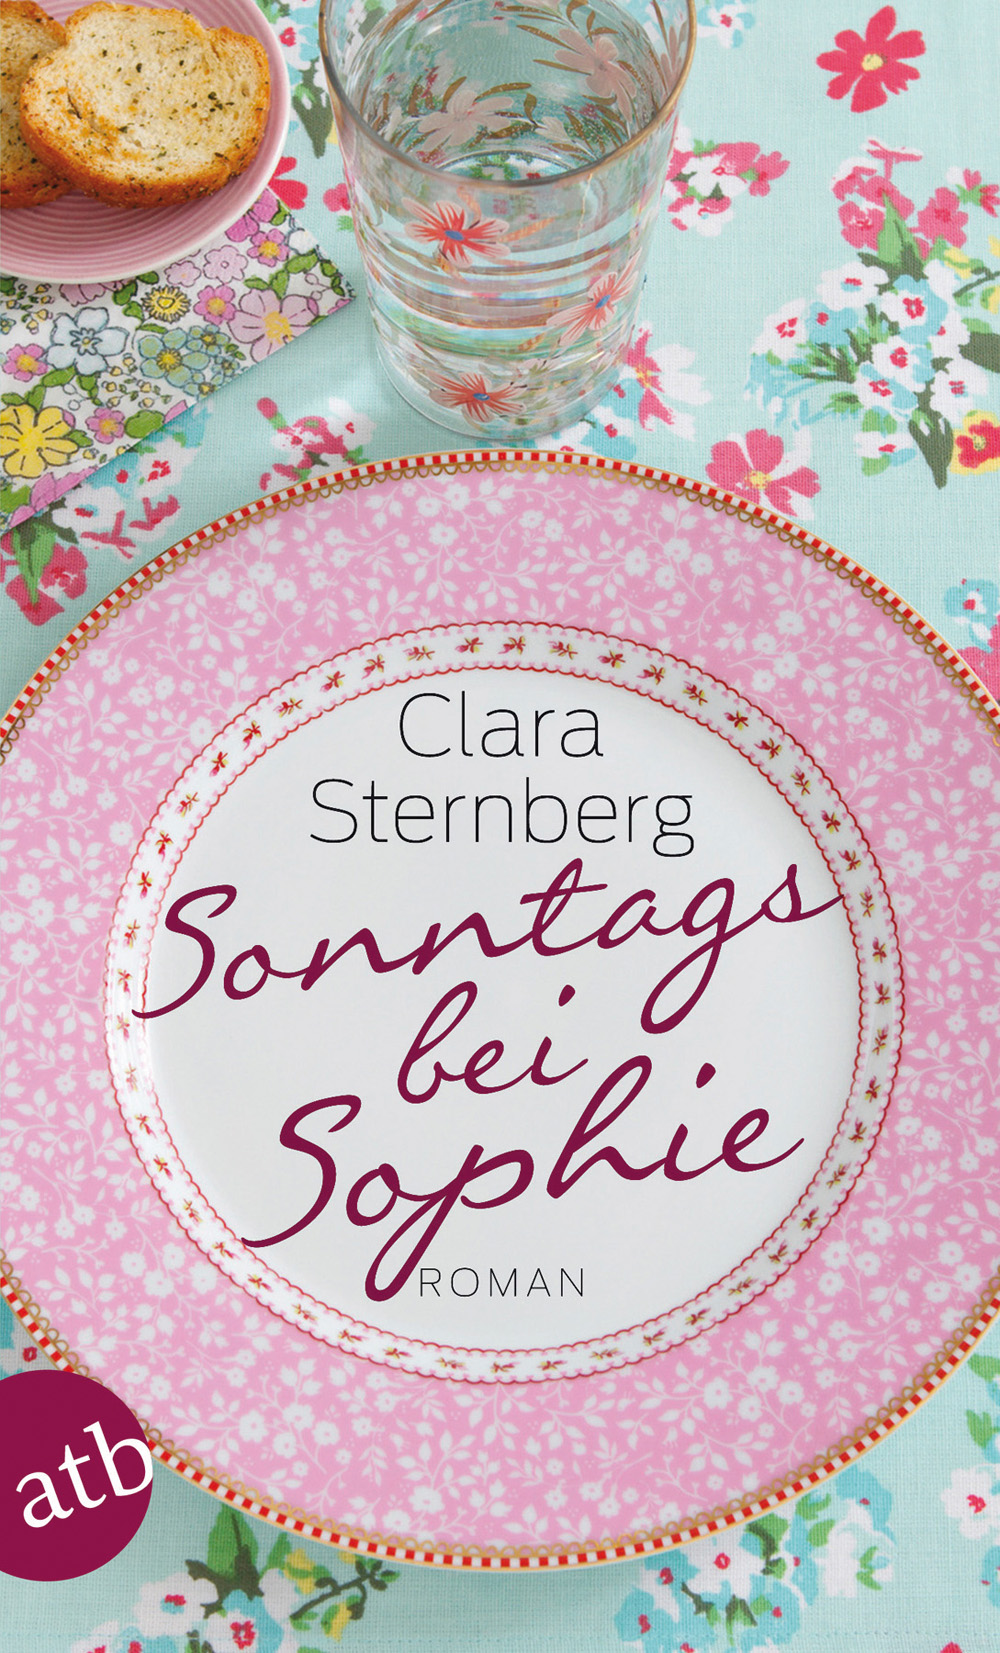 Sonntags bei Sophie - Clara Sternberg